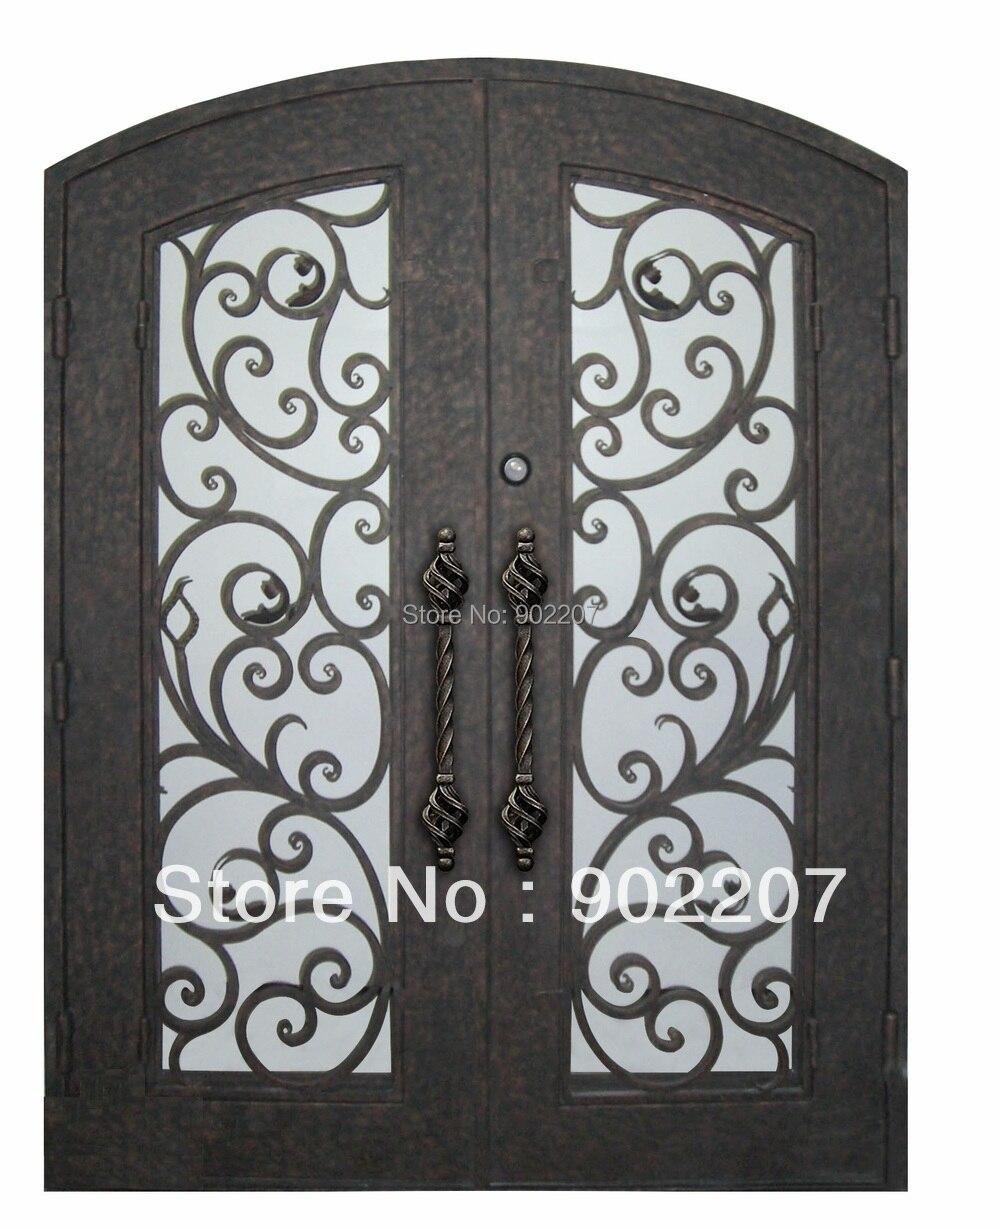 Hench 100% Steels Metal Iron Patio Entrance Doors